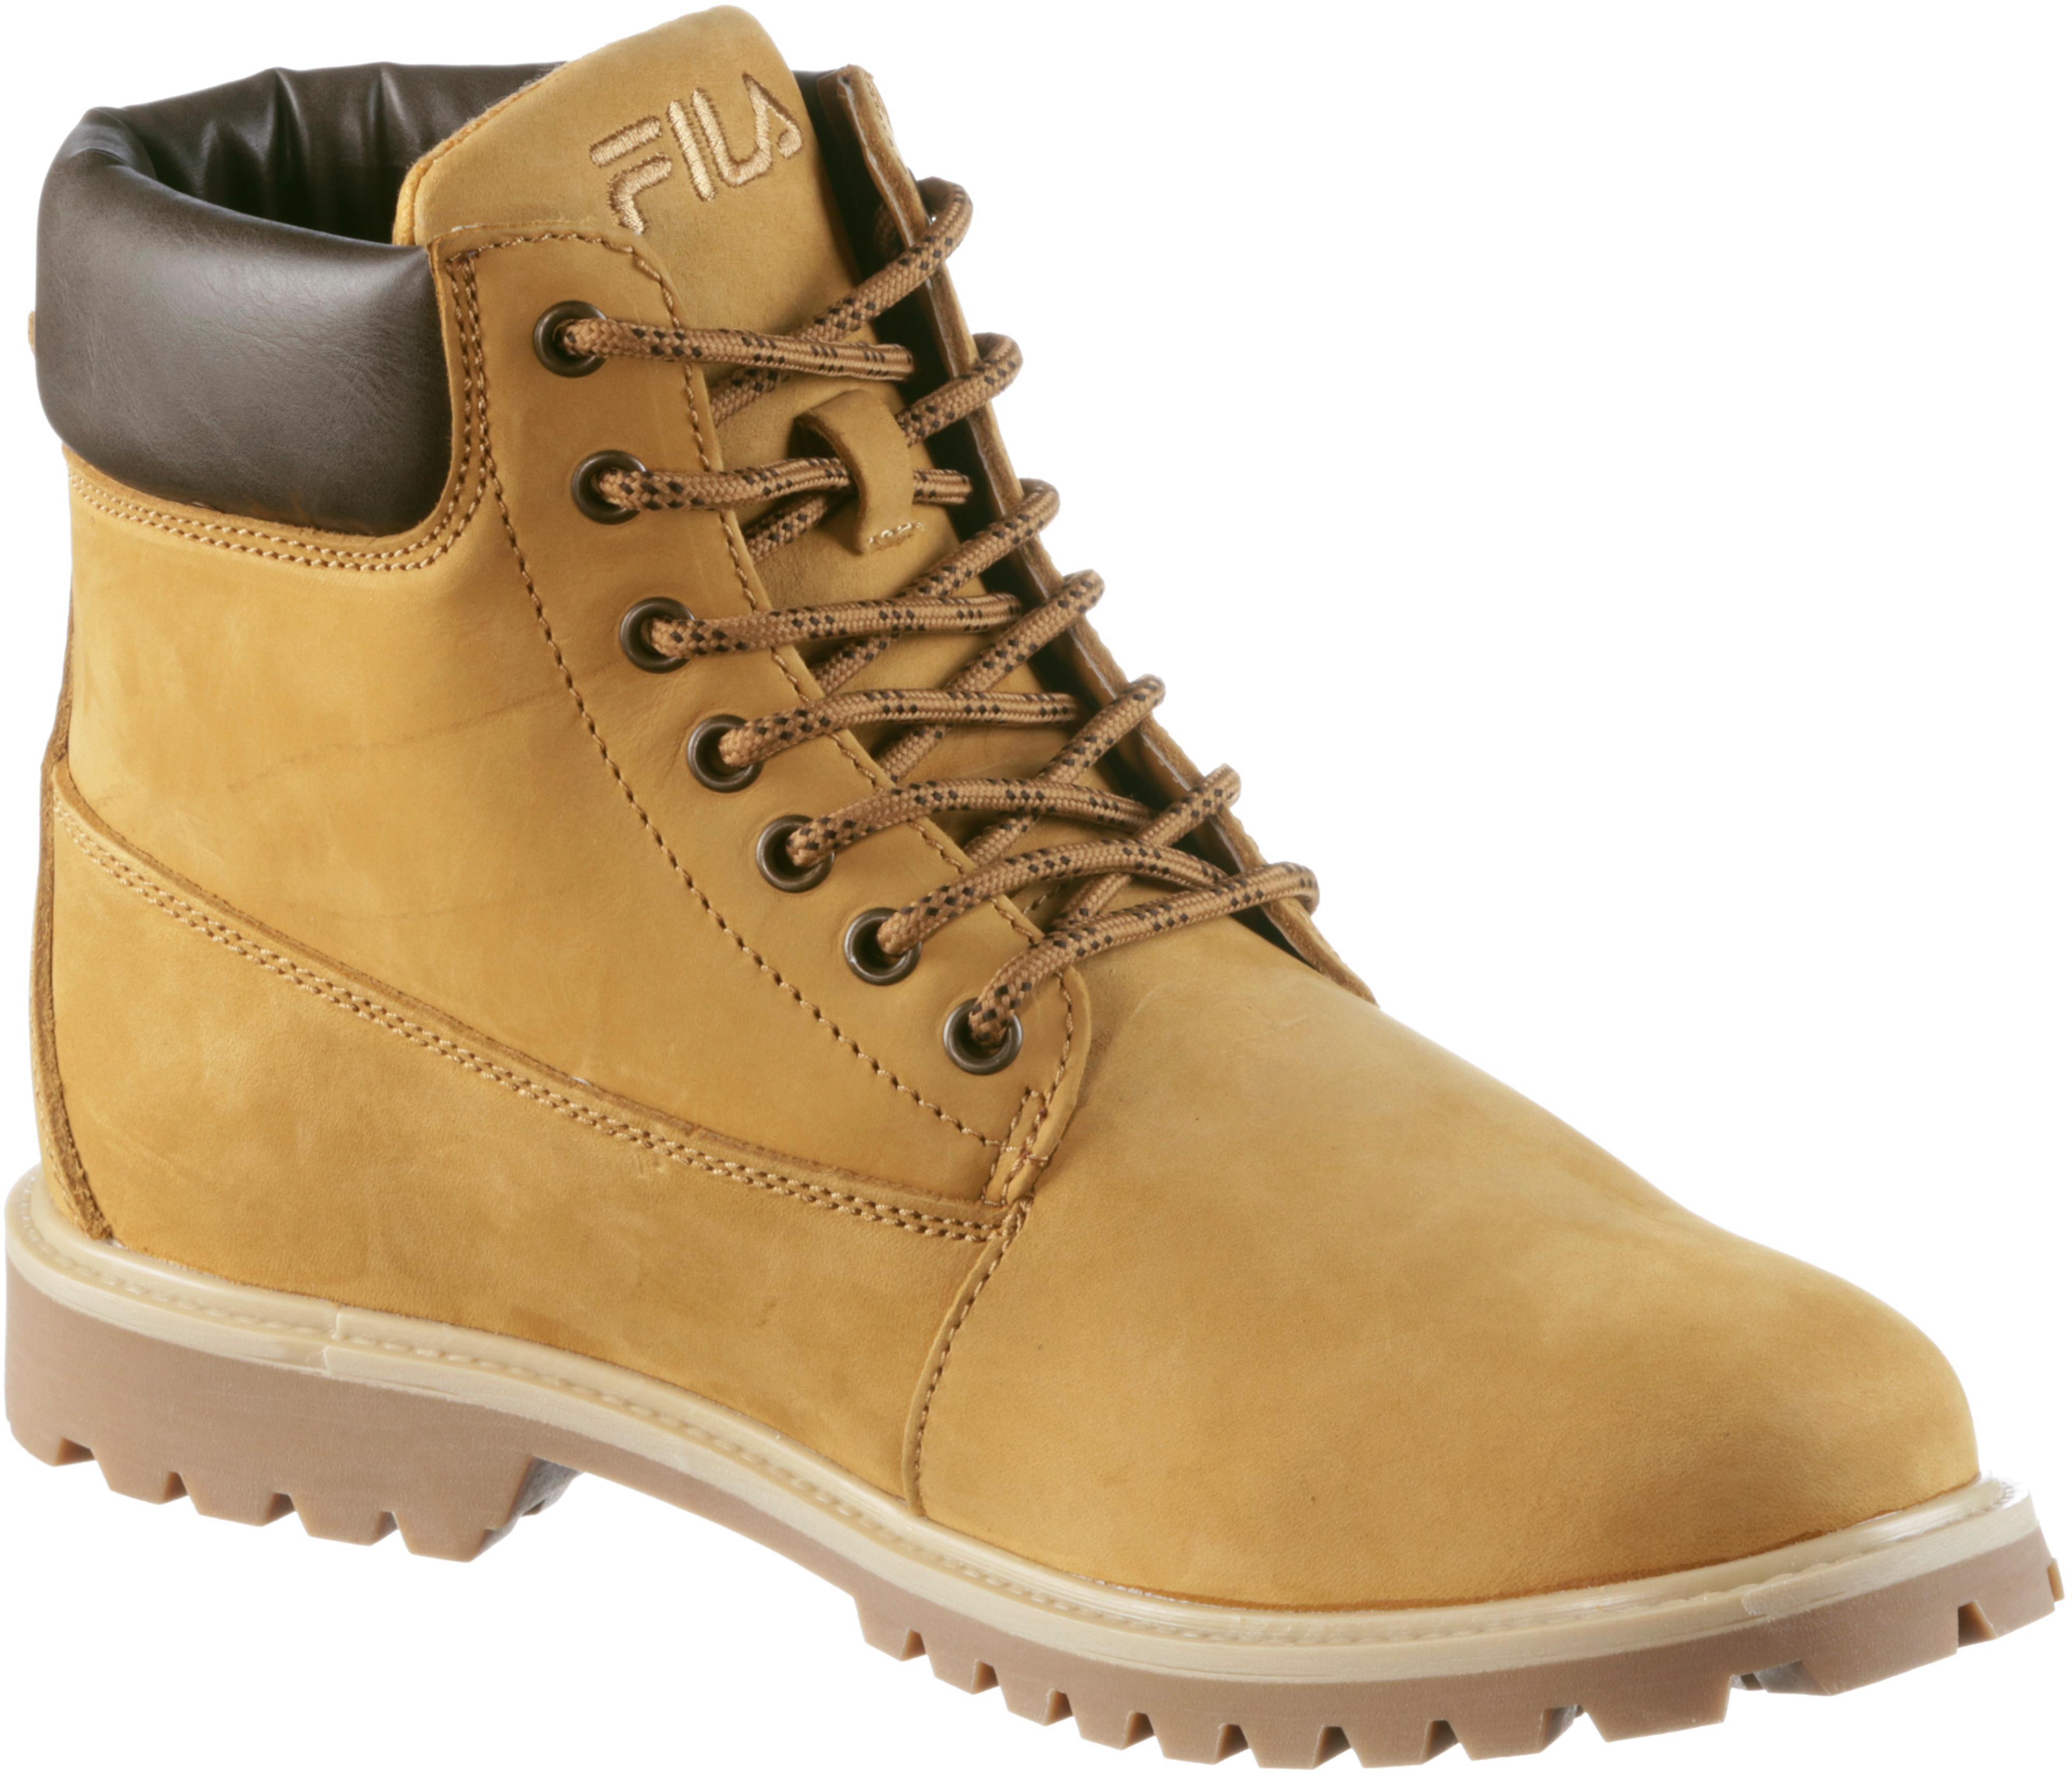 FILA Woodland N Mid Stiefel Herren coffee bean im Online Online Online Shop von SportScheck kaufen Gute Qualität beliebte Schuhe ce606f